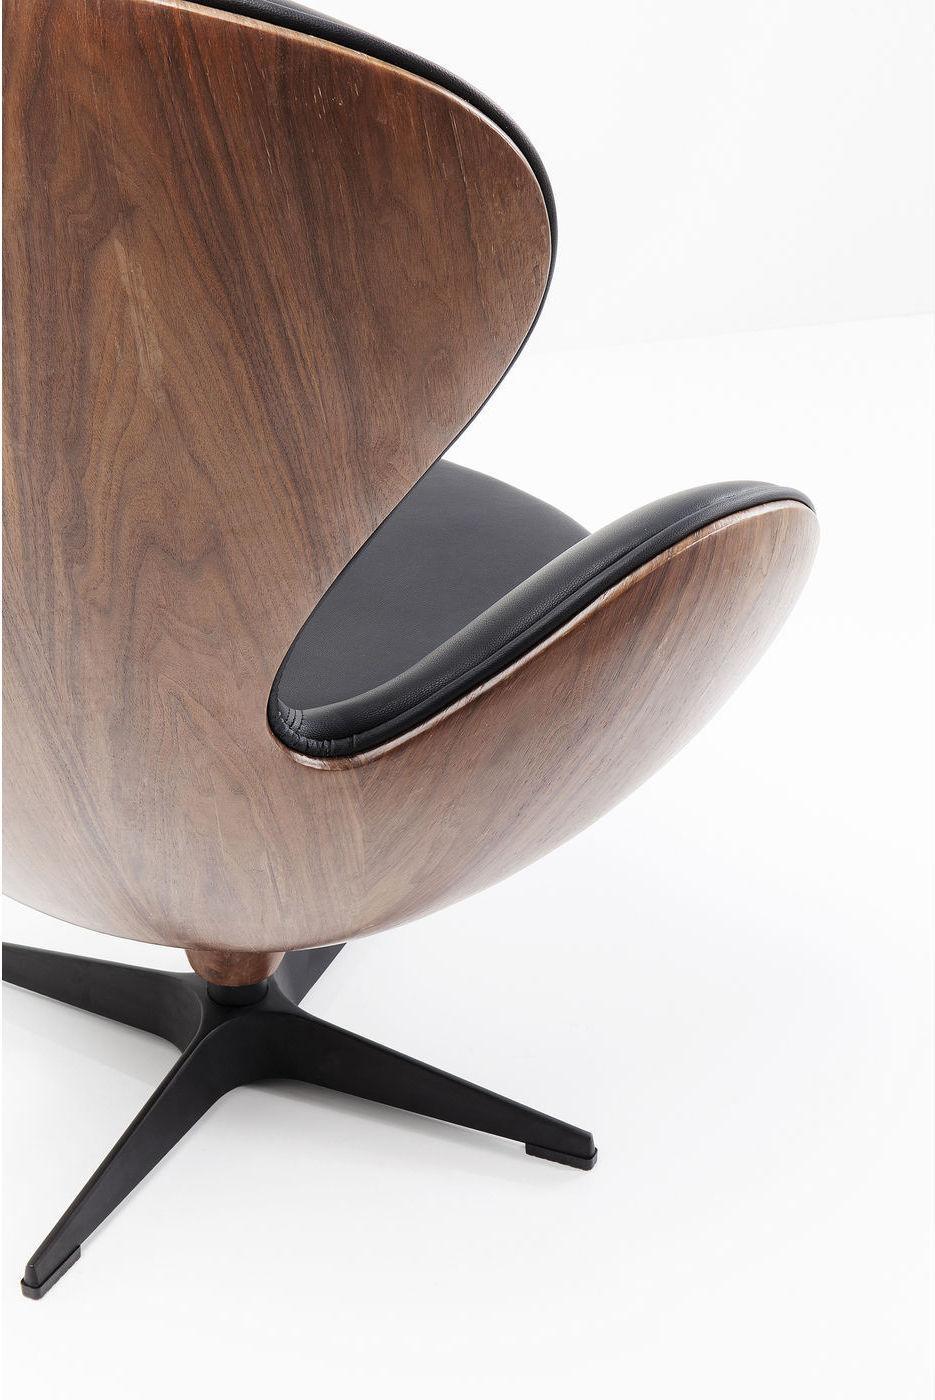 Kare Design - Draaibare Fauteuil Lounge - Zwart Kunstleer - Walnoot